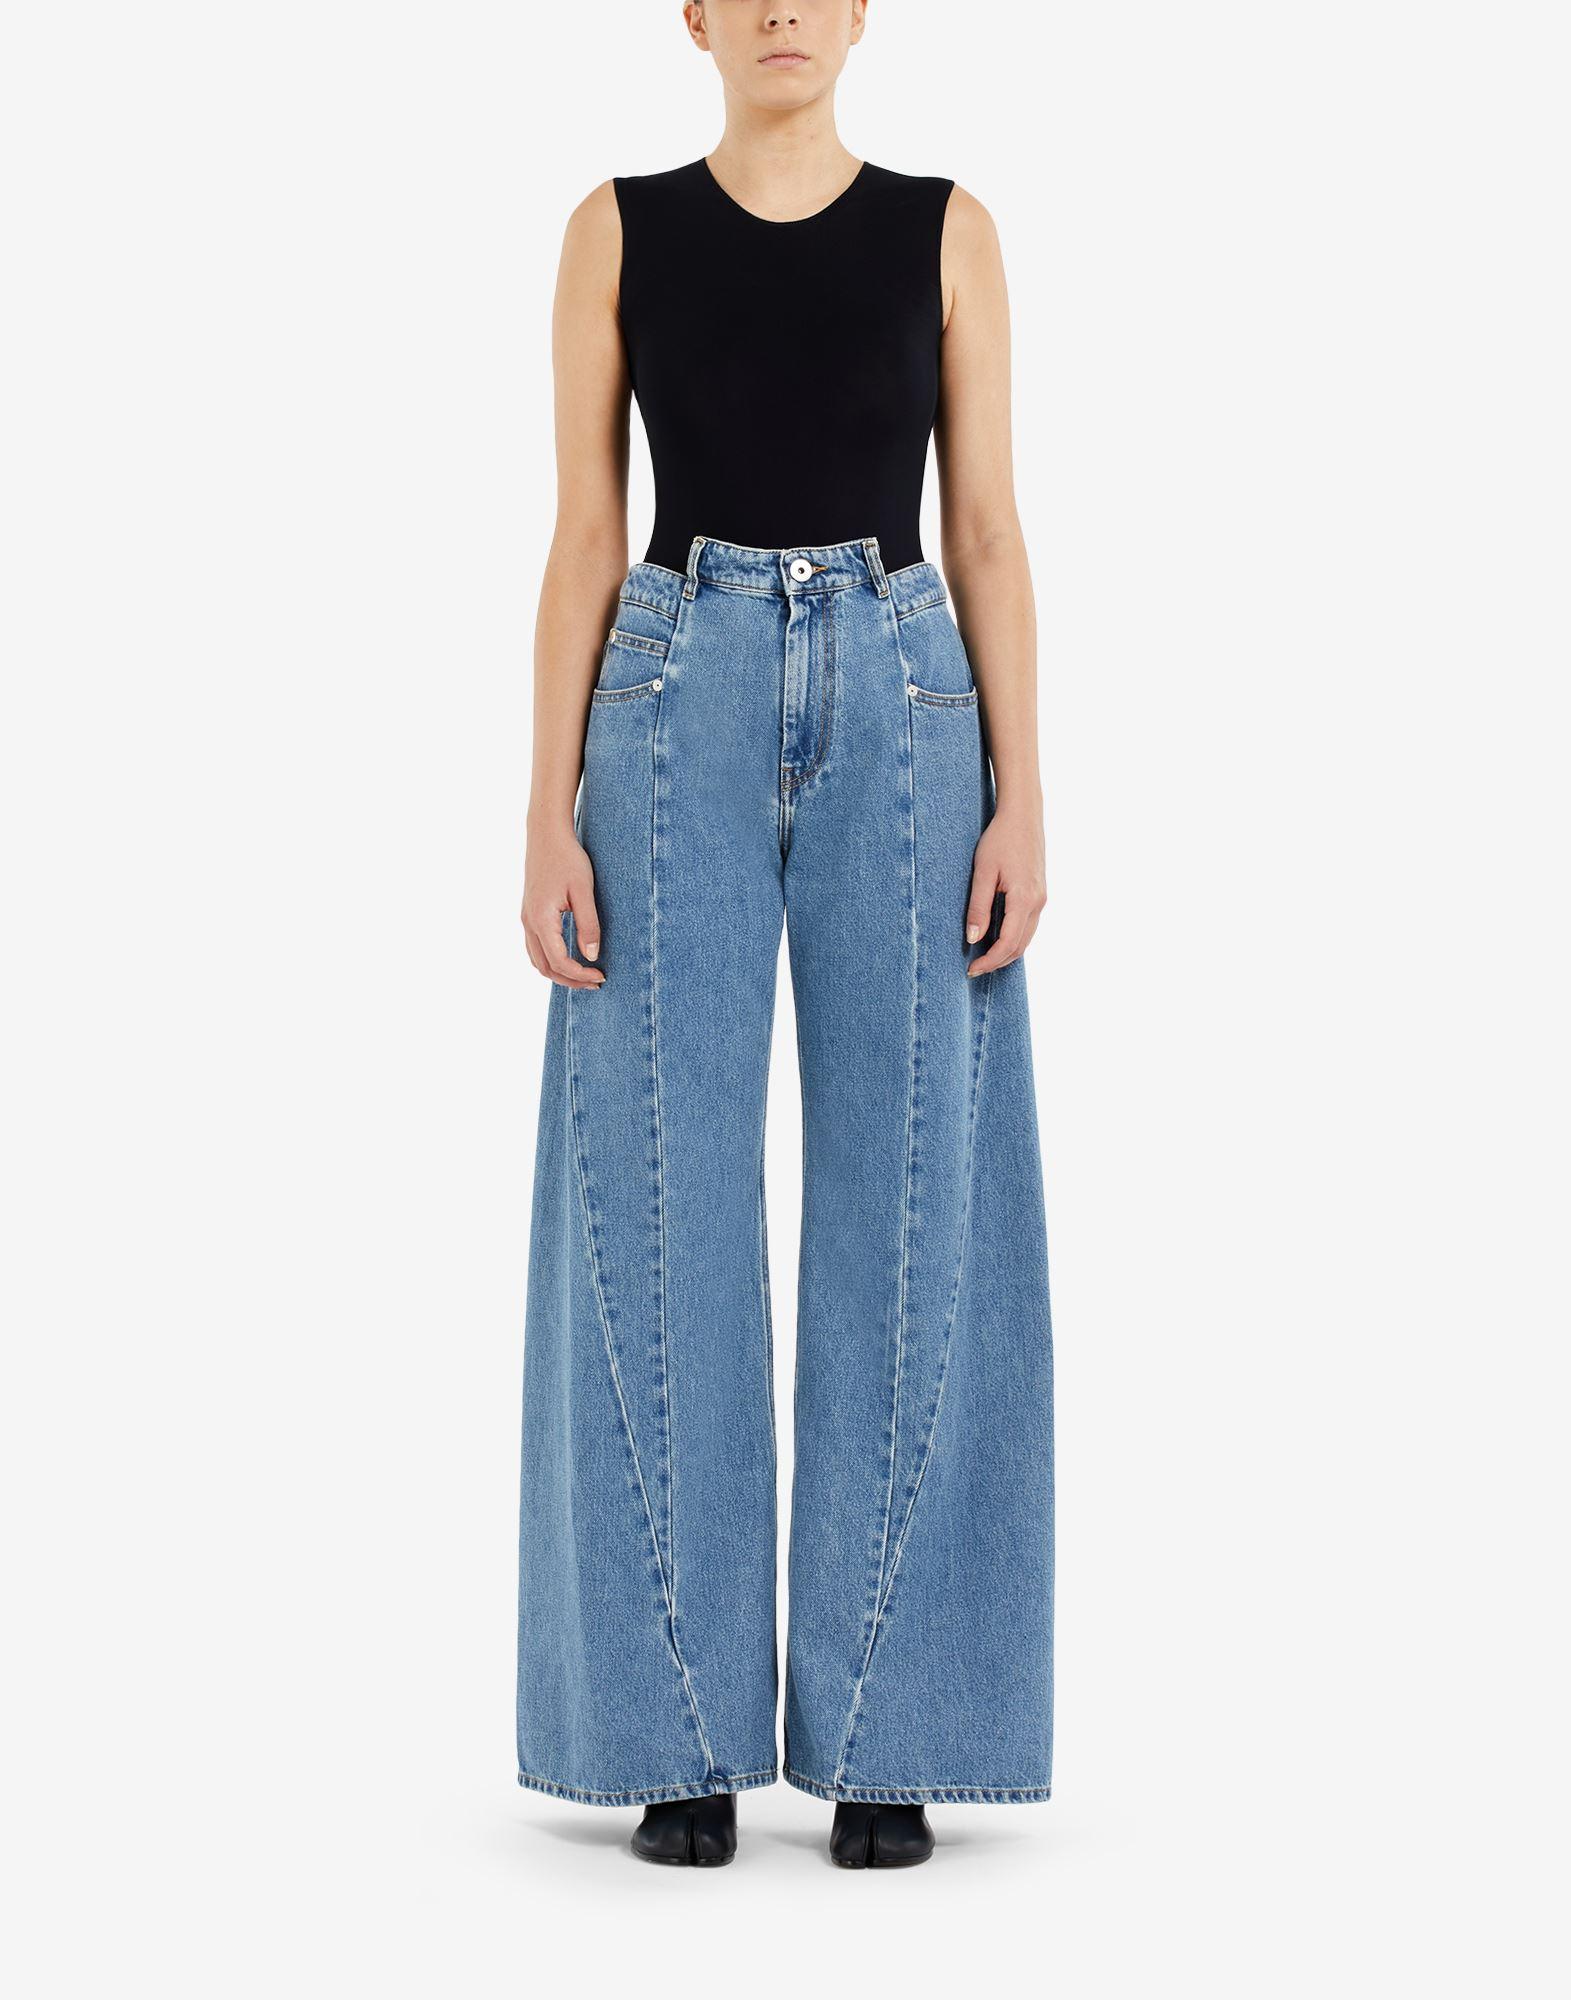 MAISON MARGIELA Pantalones de pernera ancha con diseño asimétrico decorticado Pantalones vaqueros Mujer r